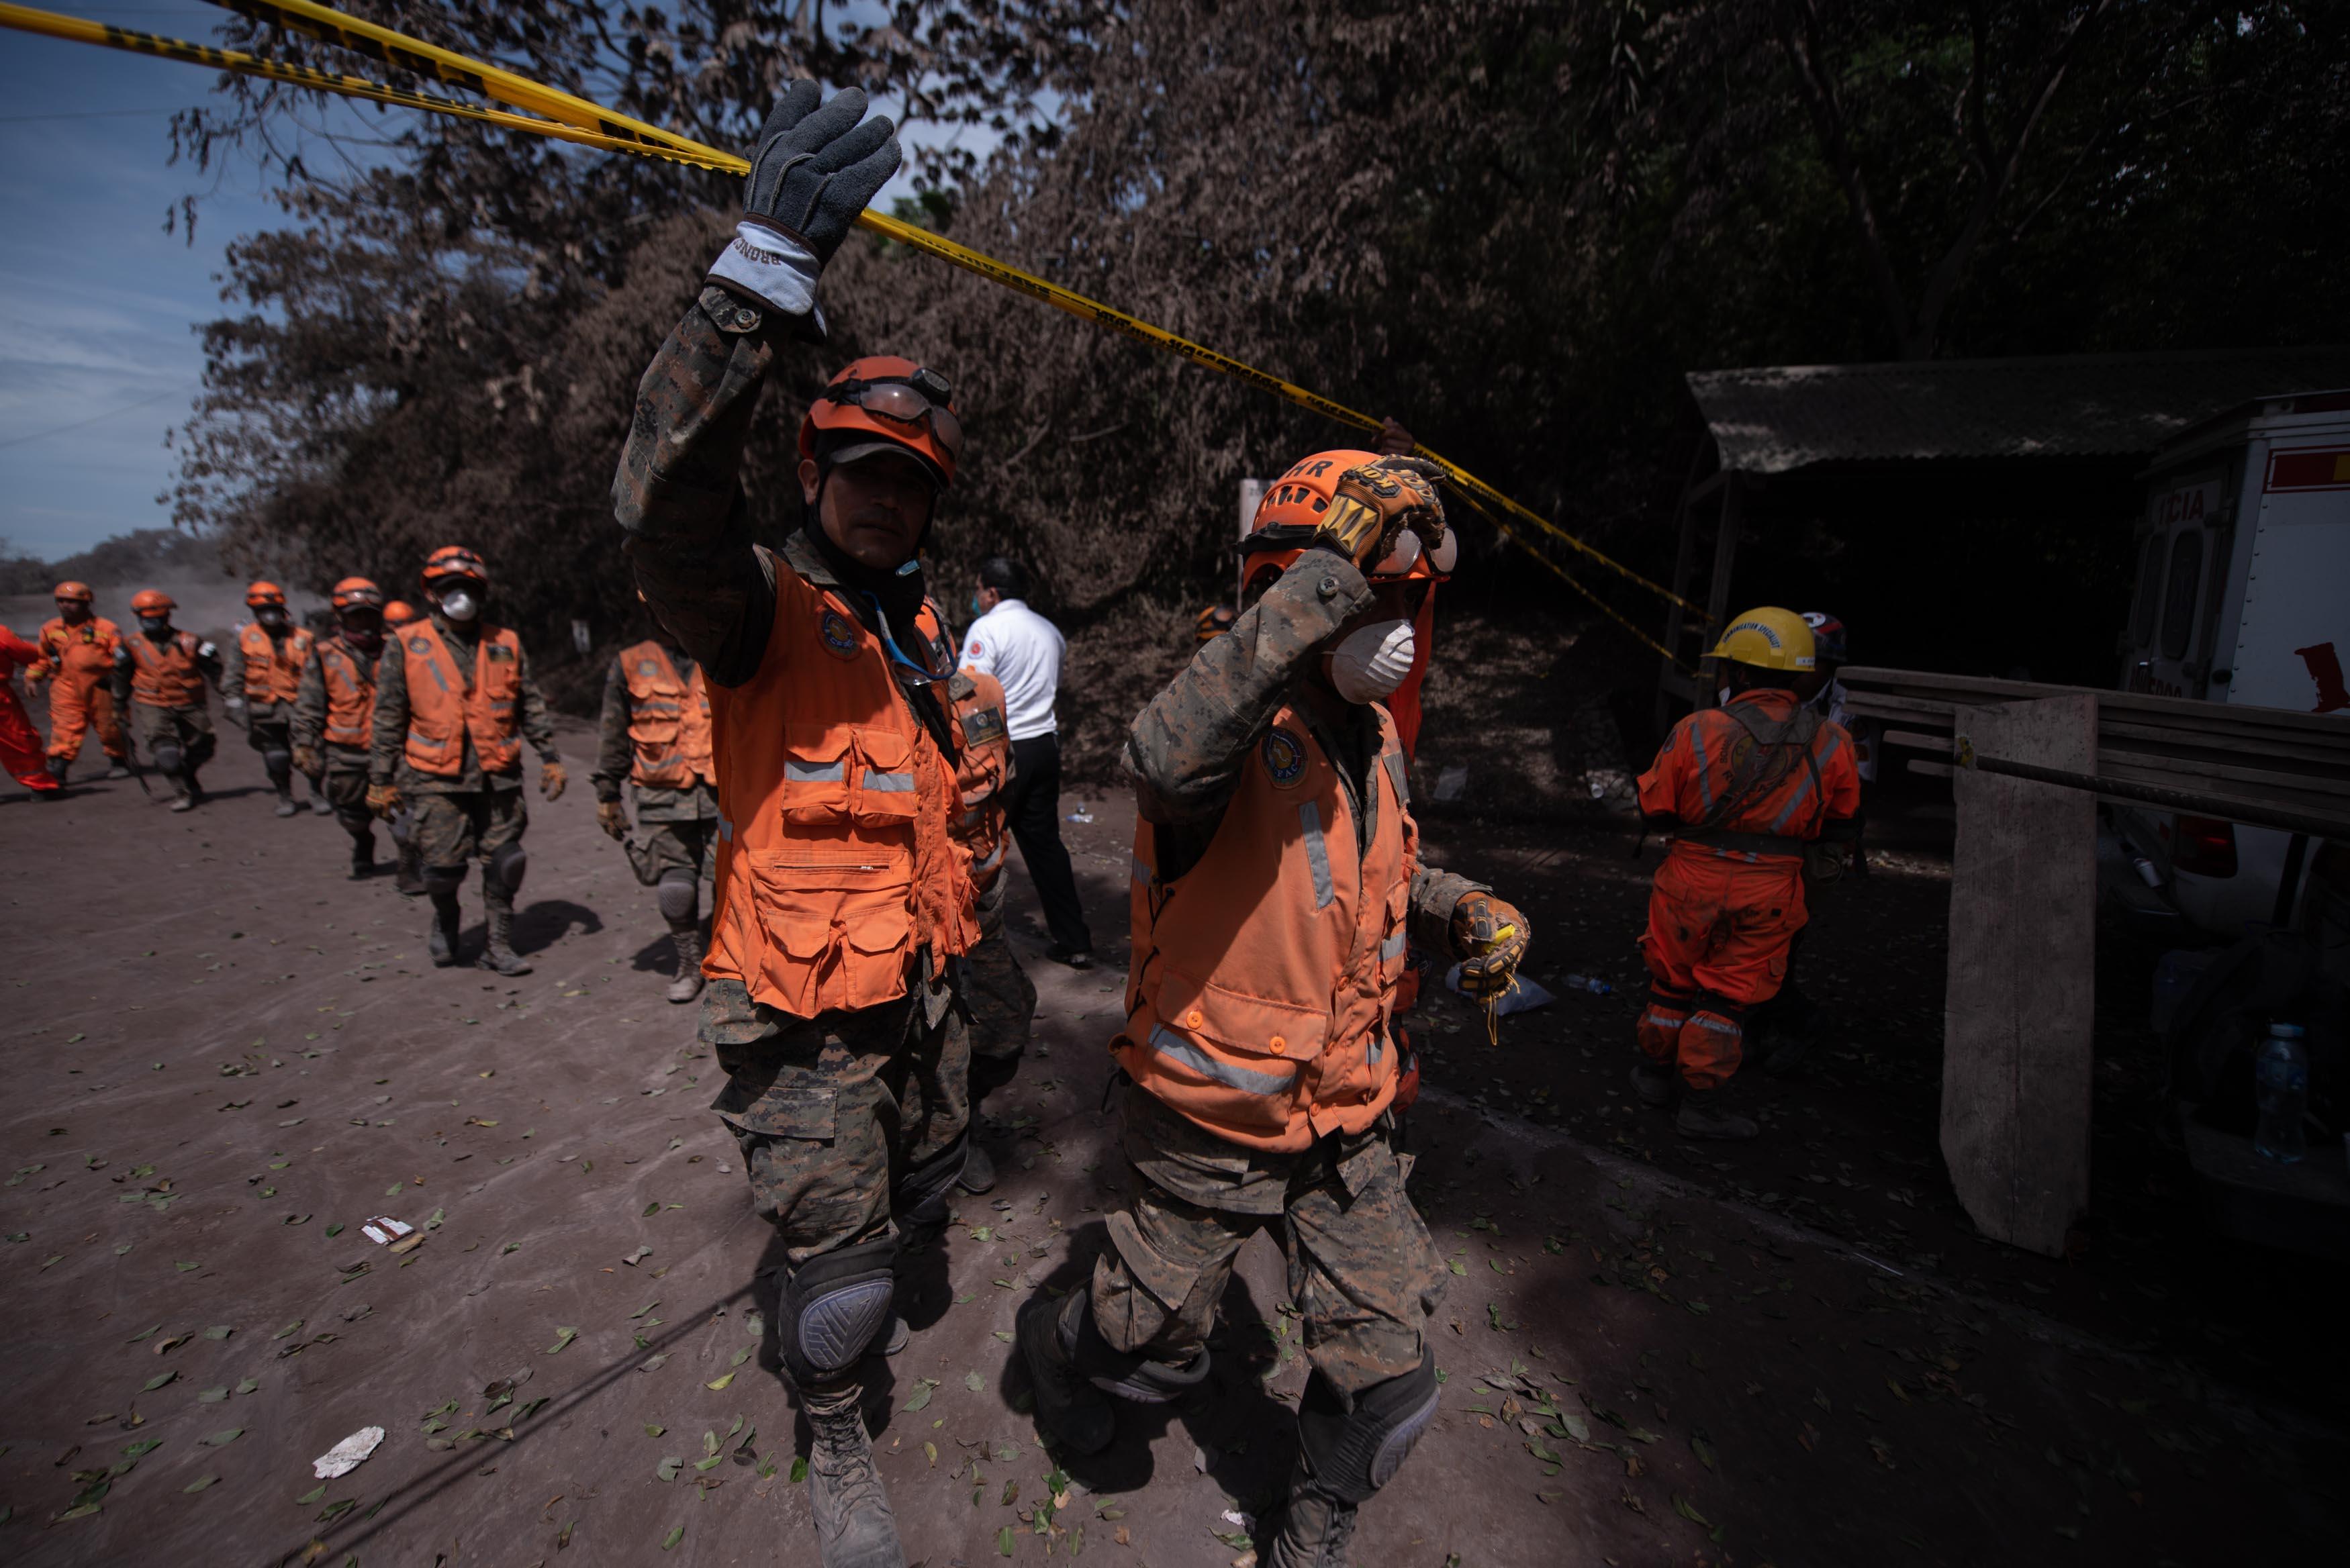 ACOMPAÑA CRÓNICA: GUATEMALA VOLCÁN - GU3004. EL RODEO (GUATEMALA), 06/06/2018.- Rescatistas del ejército salen hoy, miércoles 6 de junio de 2018, de la zona del desastre en el Rodeo, departamento de Escuintla (Guatemala), causado por el volcán de Fuego el domingo pasado. El 3 de junio de 2018 no fue un domingo cualquiera. La muerte sorprendió a muchas familias guatemaltecas reunidas en sus hogares por ser, normalmente, día de descanso, pues la potente erupción del volcán de Fuego los dejó atrapados en sus viviendas y ya suman oficialmente 84 fallecidos. EFE/Santiago Billy